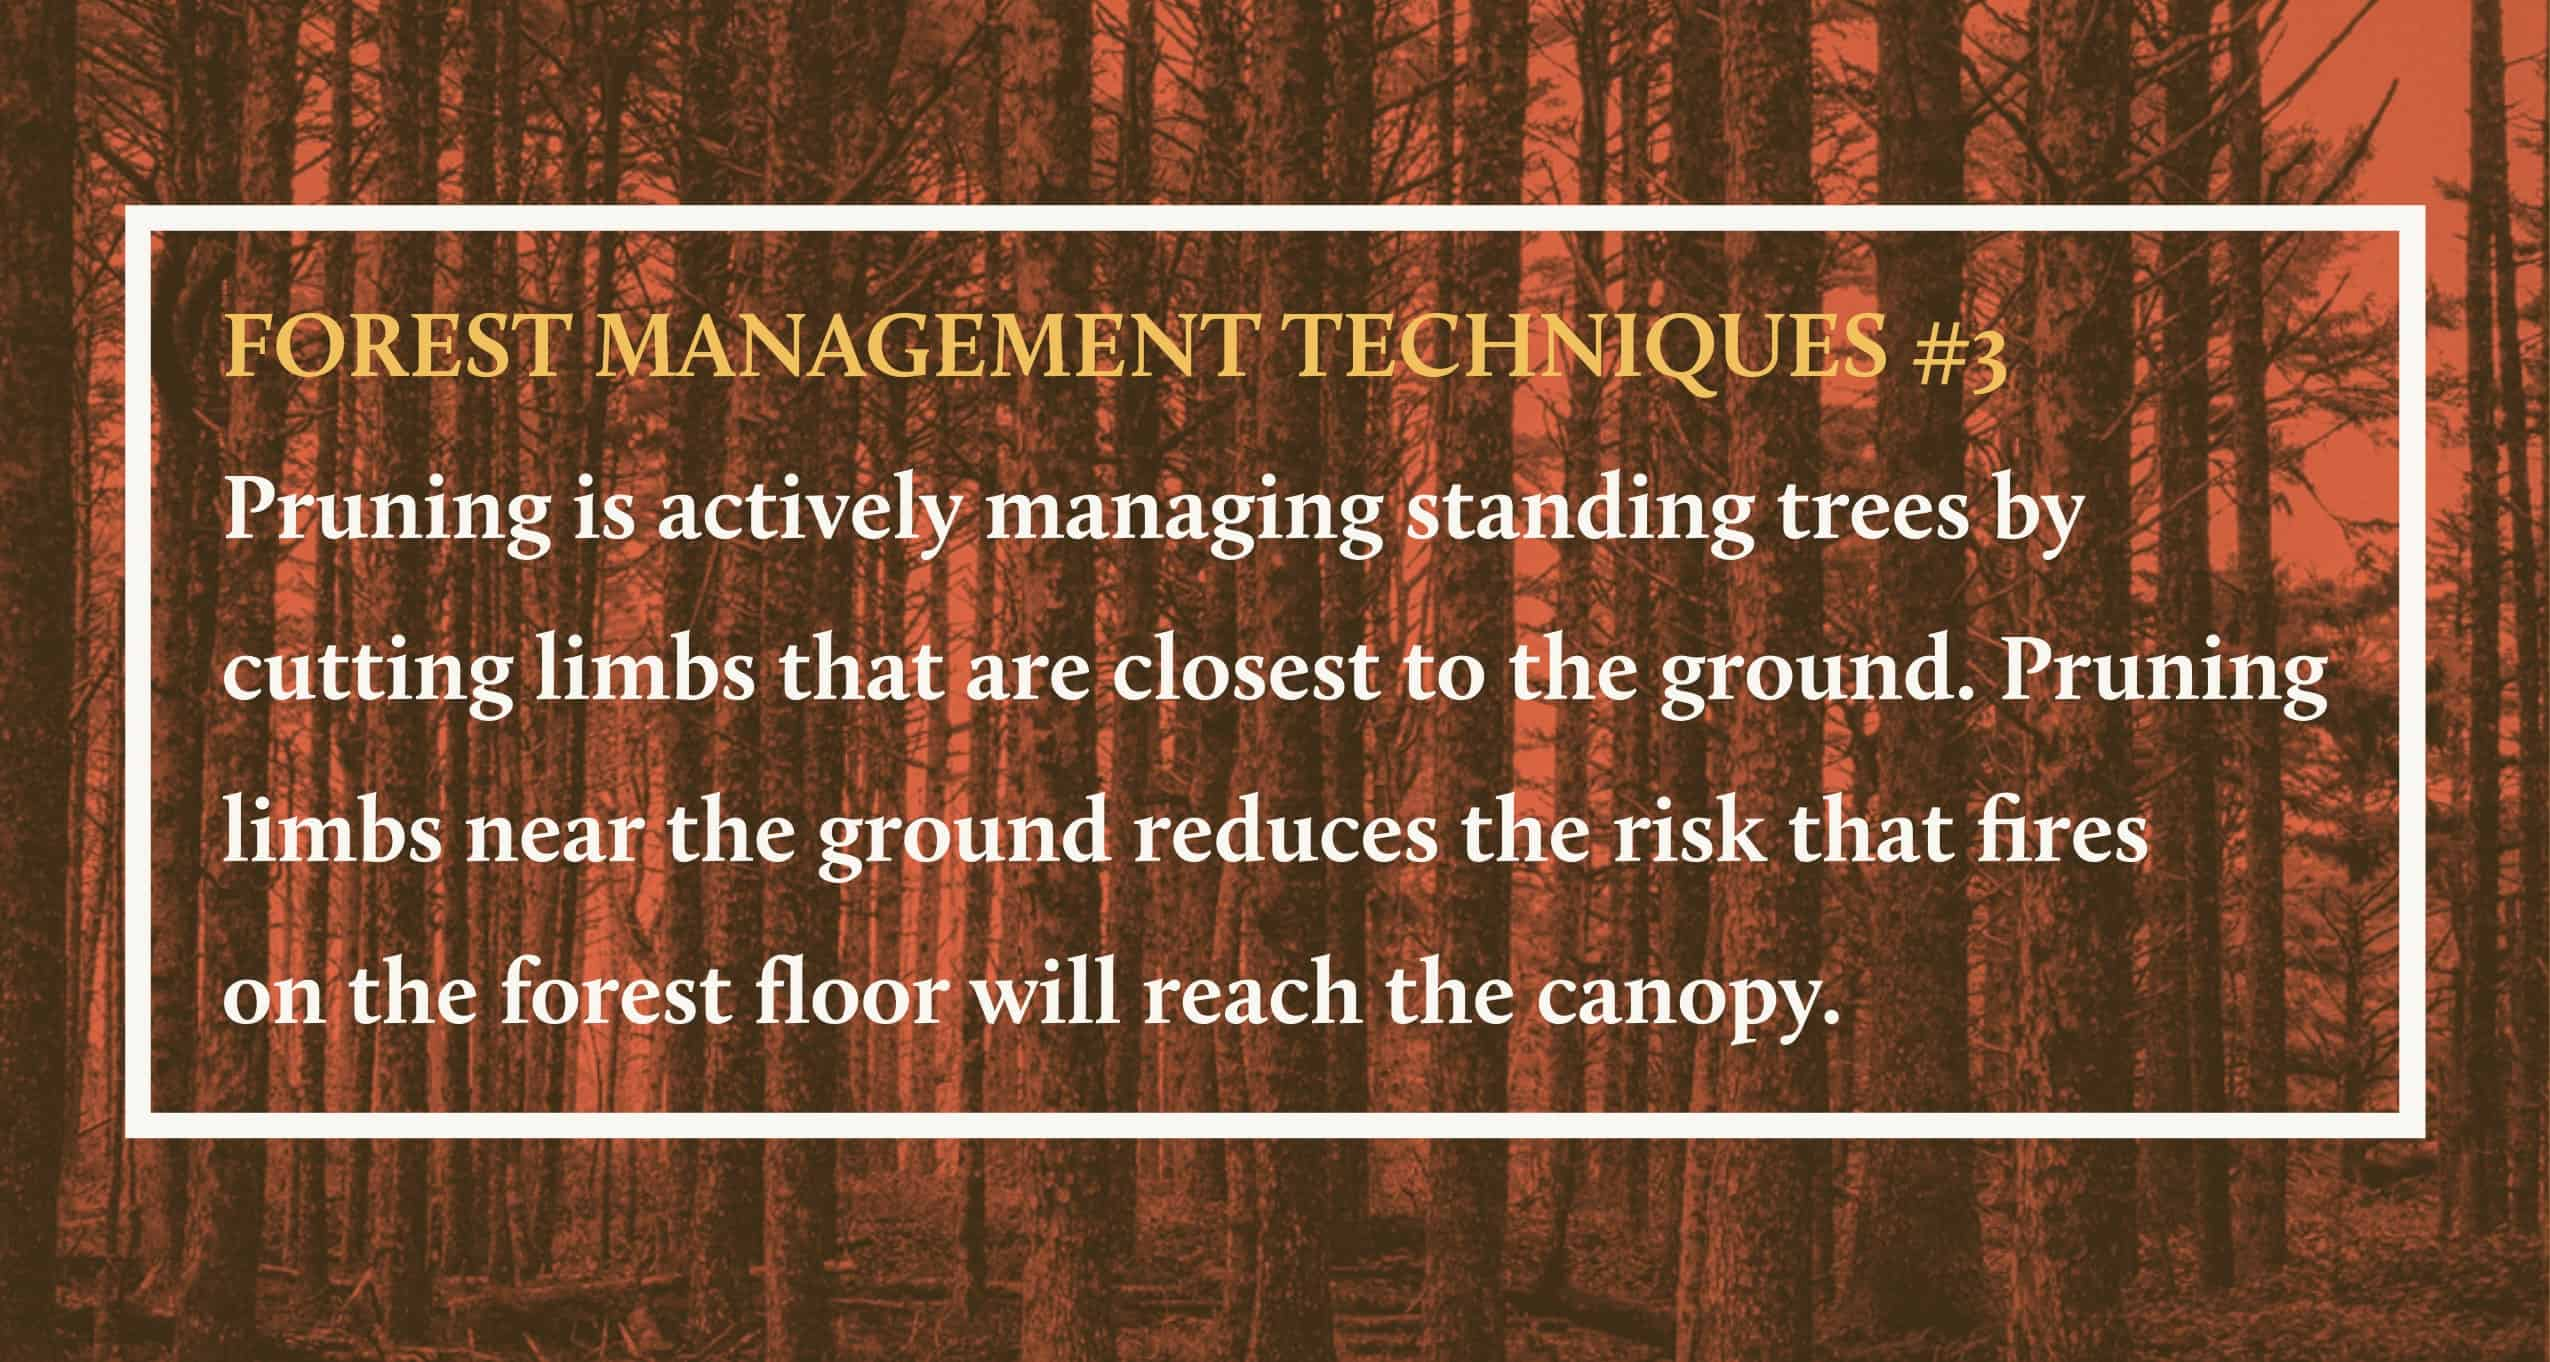 Forest Management Techniques 3 (2)